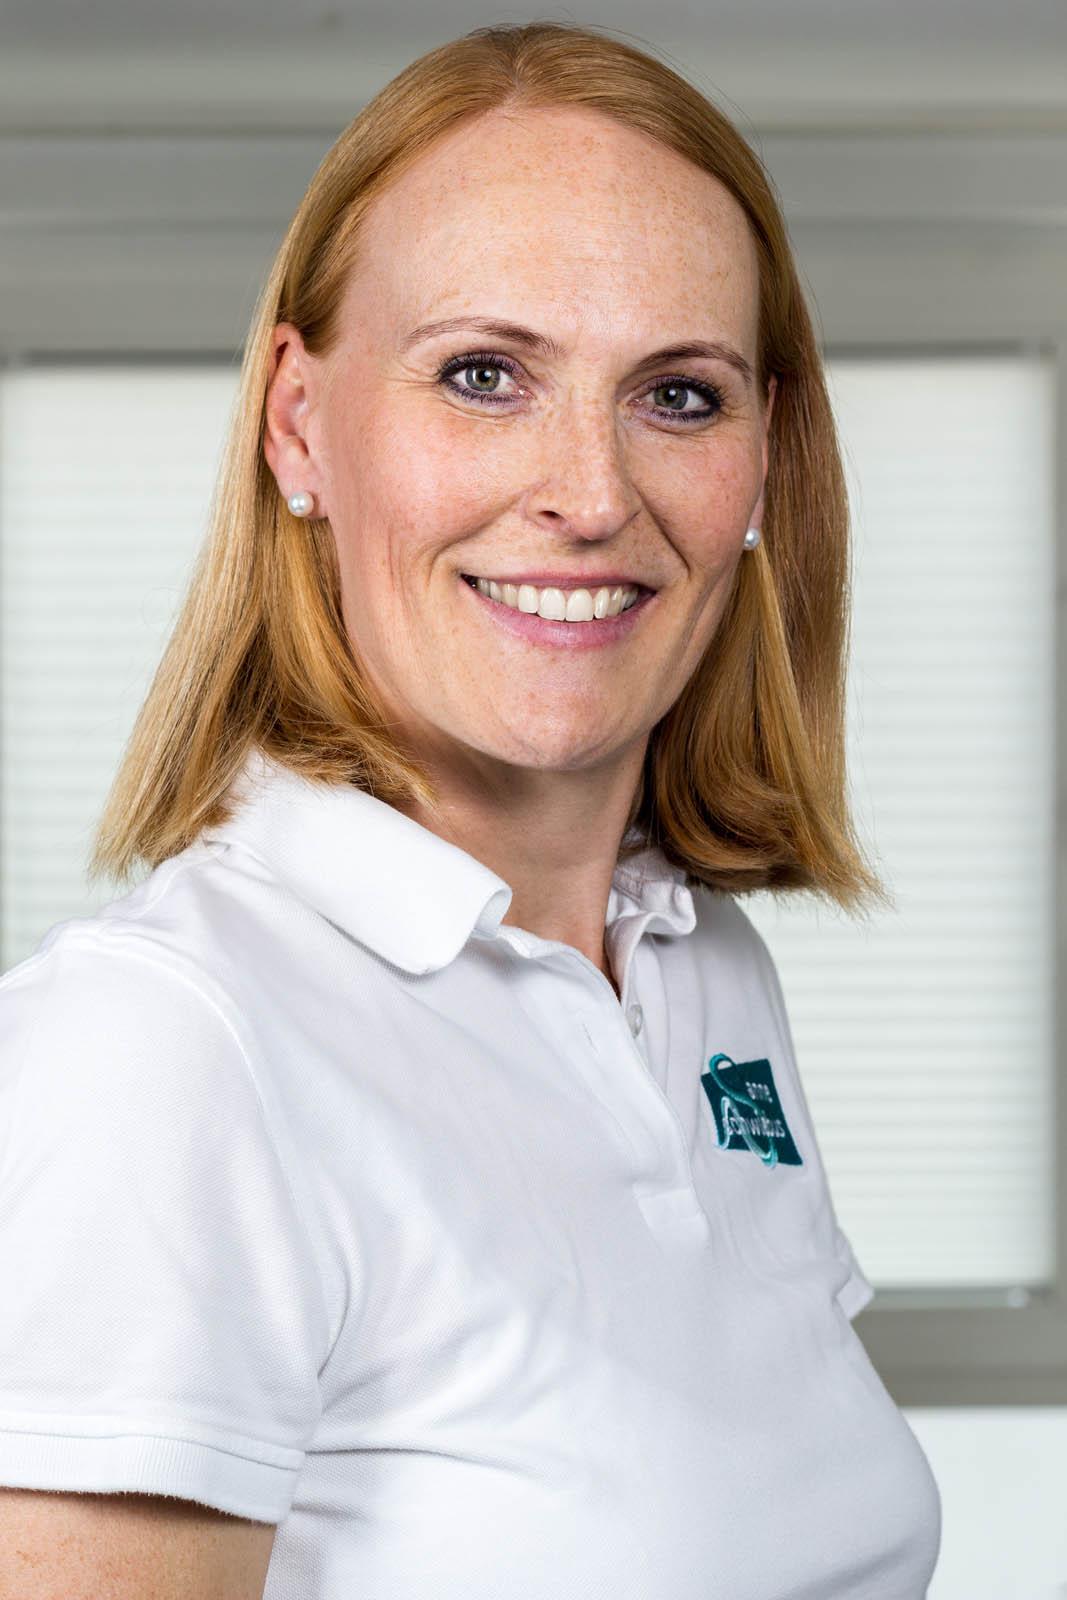 frauenarzt-praxis-kaiserslautern-anne-schwiebus-team-Anne-Schwiebus